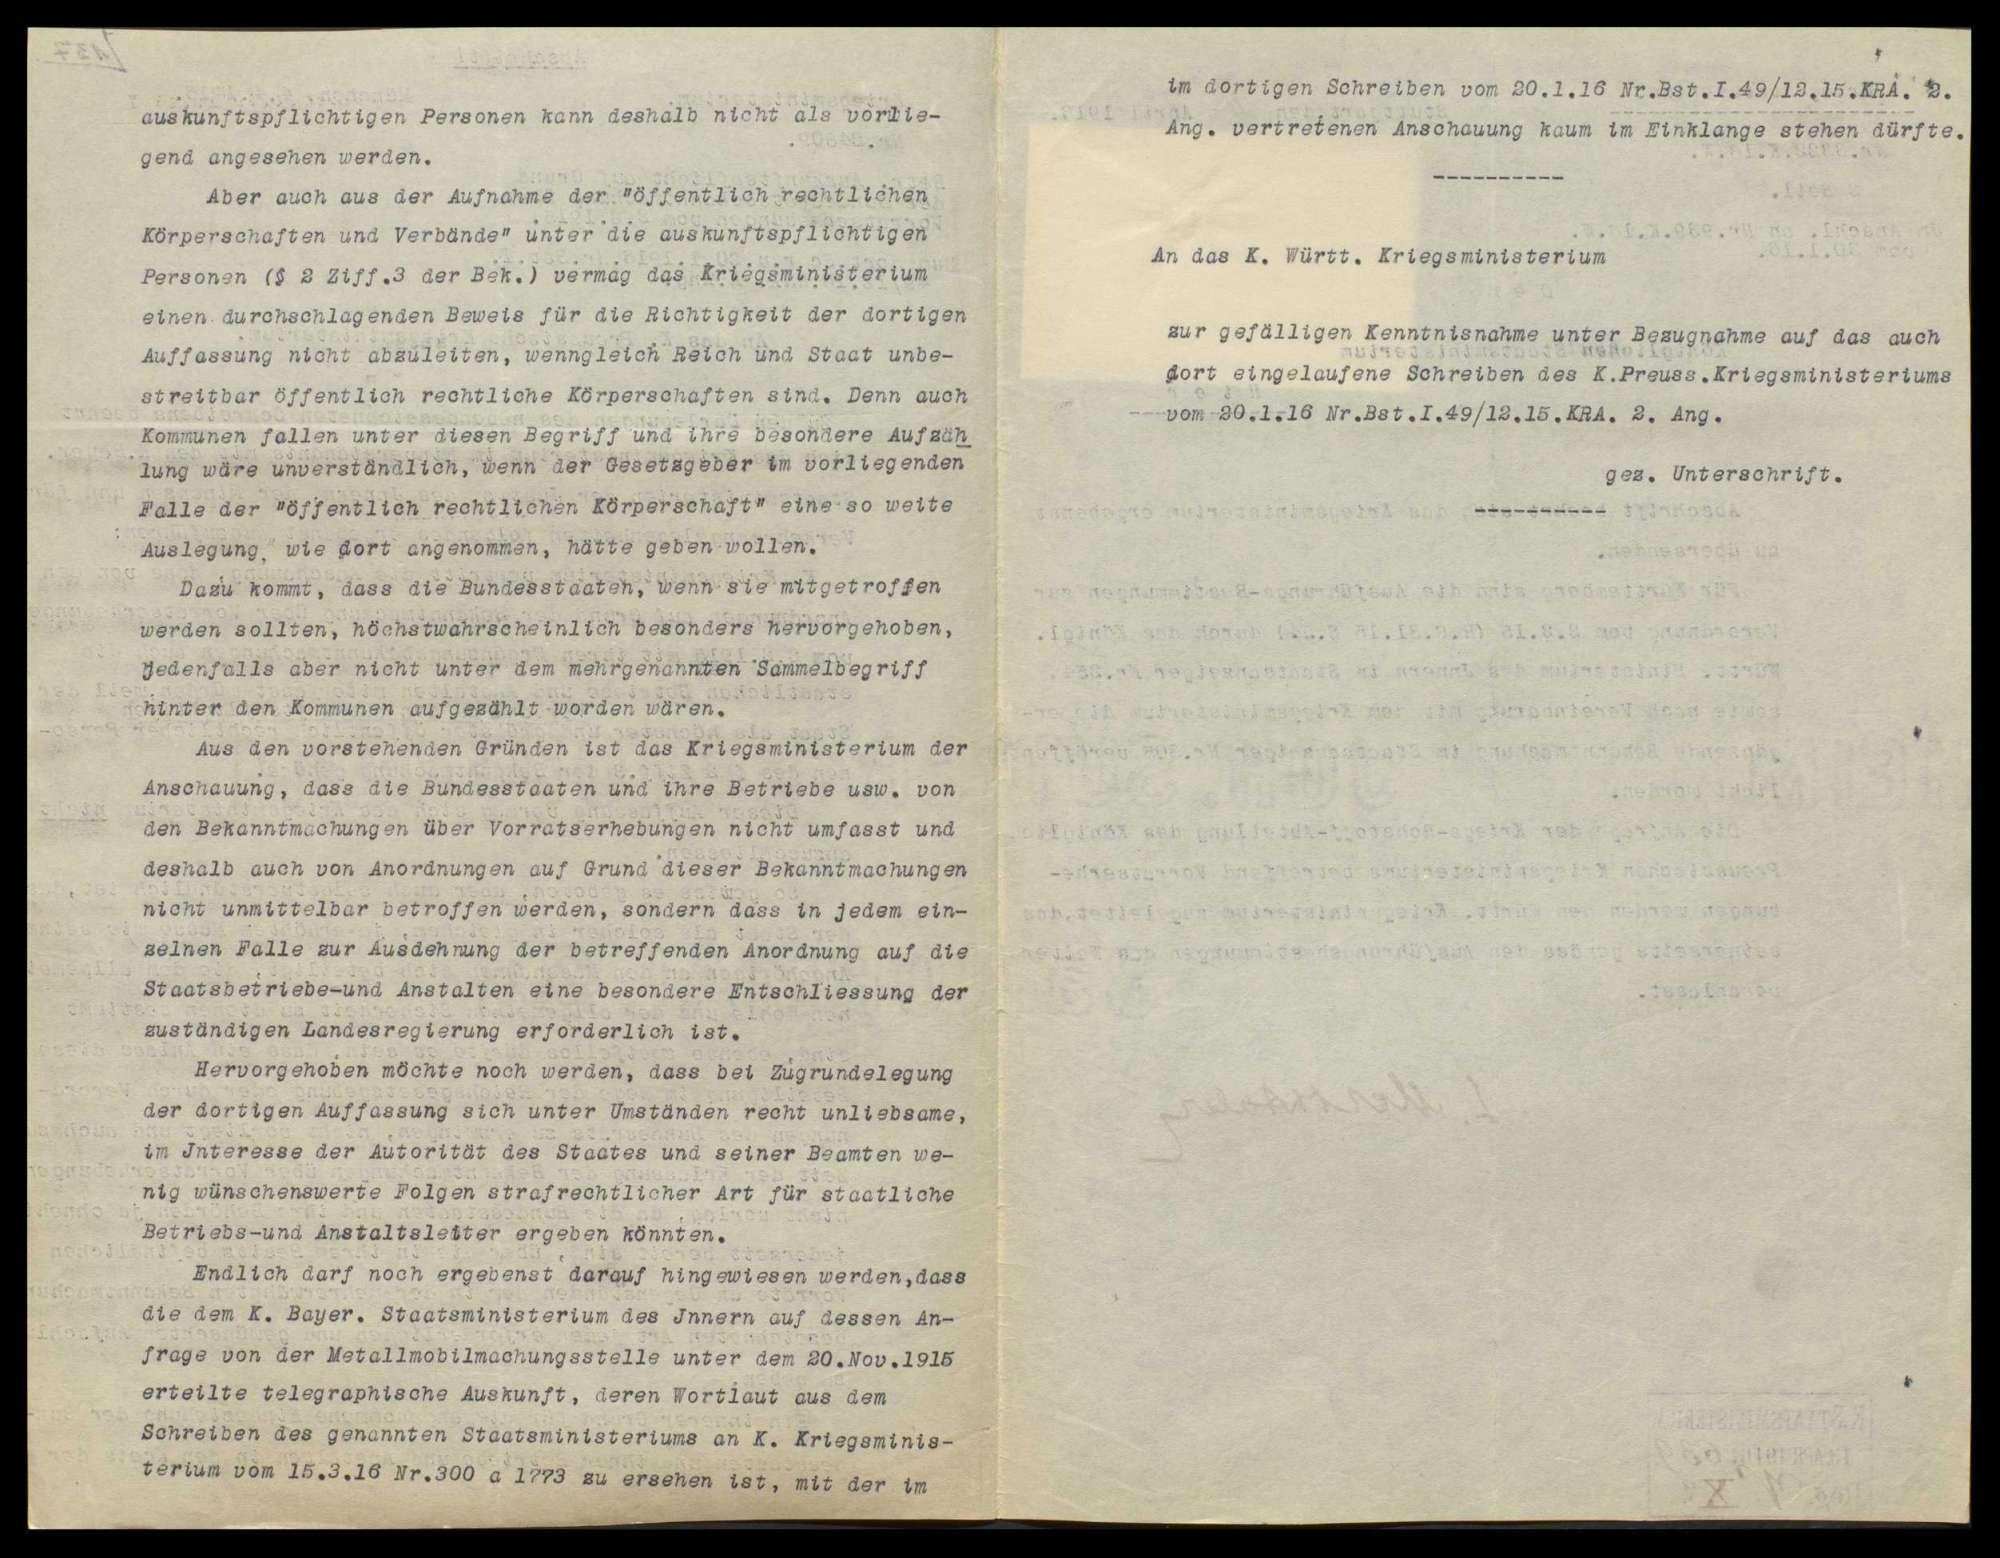 Kriegs- und Nachkriegswirtschaft, Allgemeines, Bild 3